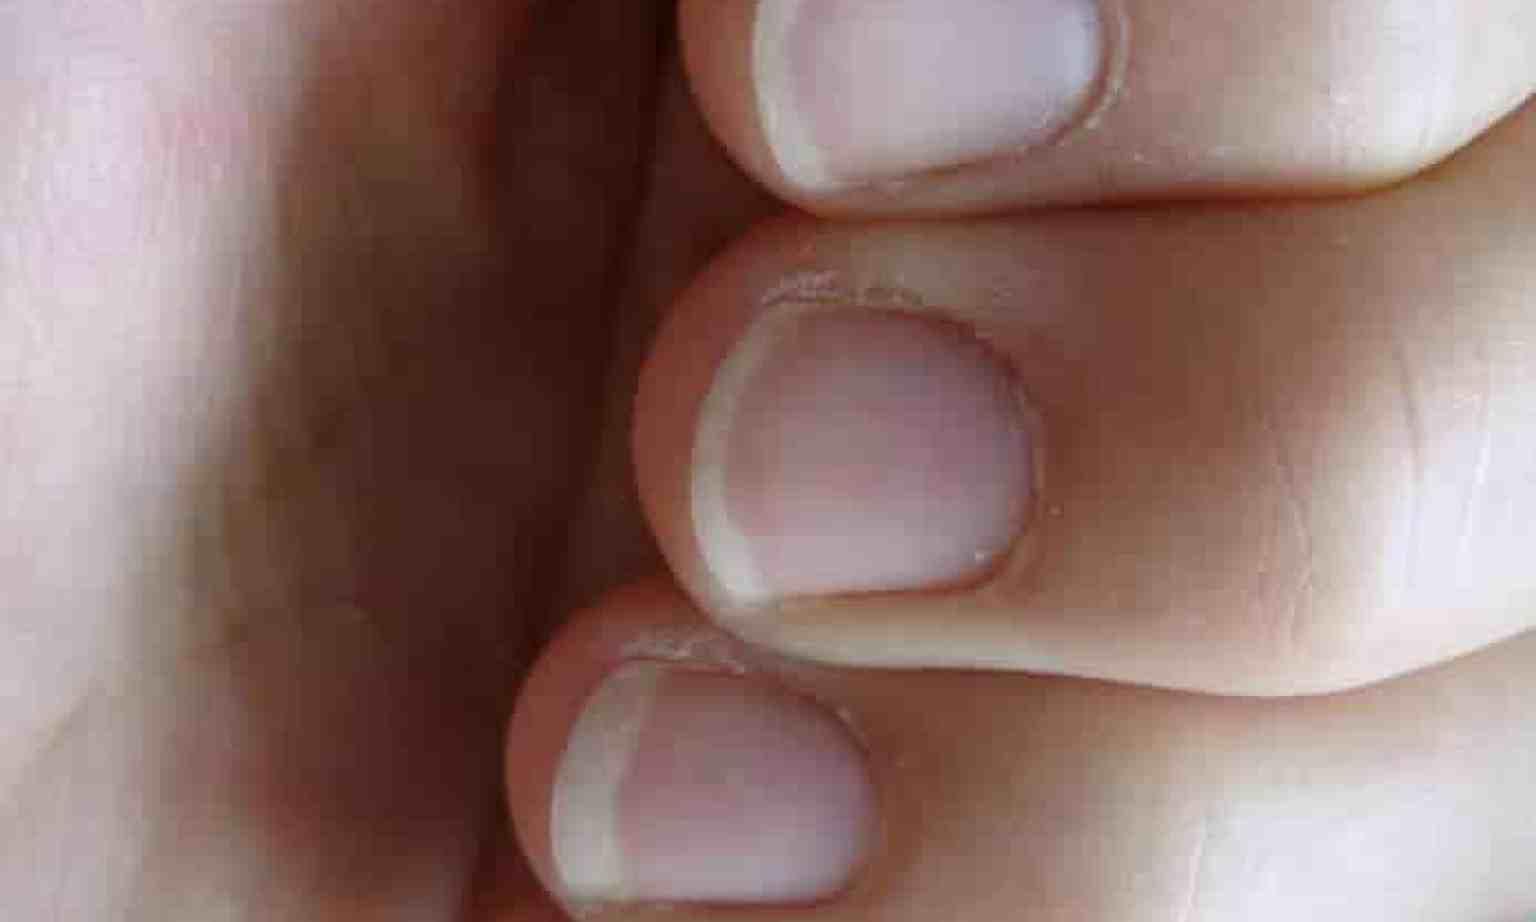 white fingernails, fingernail ridges, health warnings from the fingernails, white coloured nails, palm reading